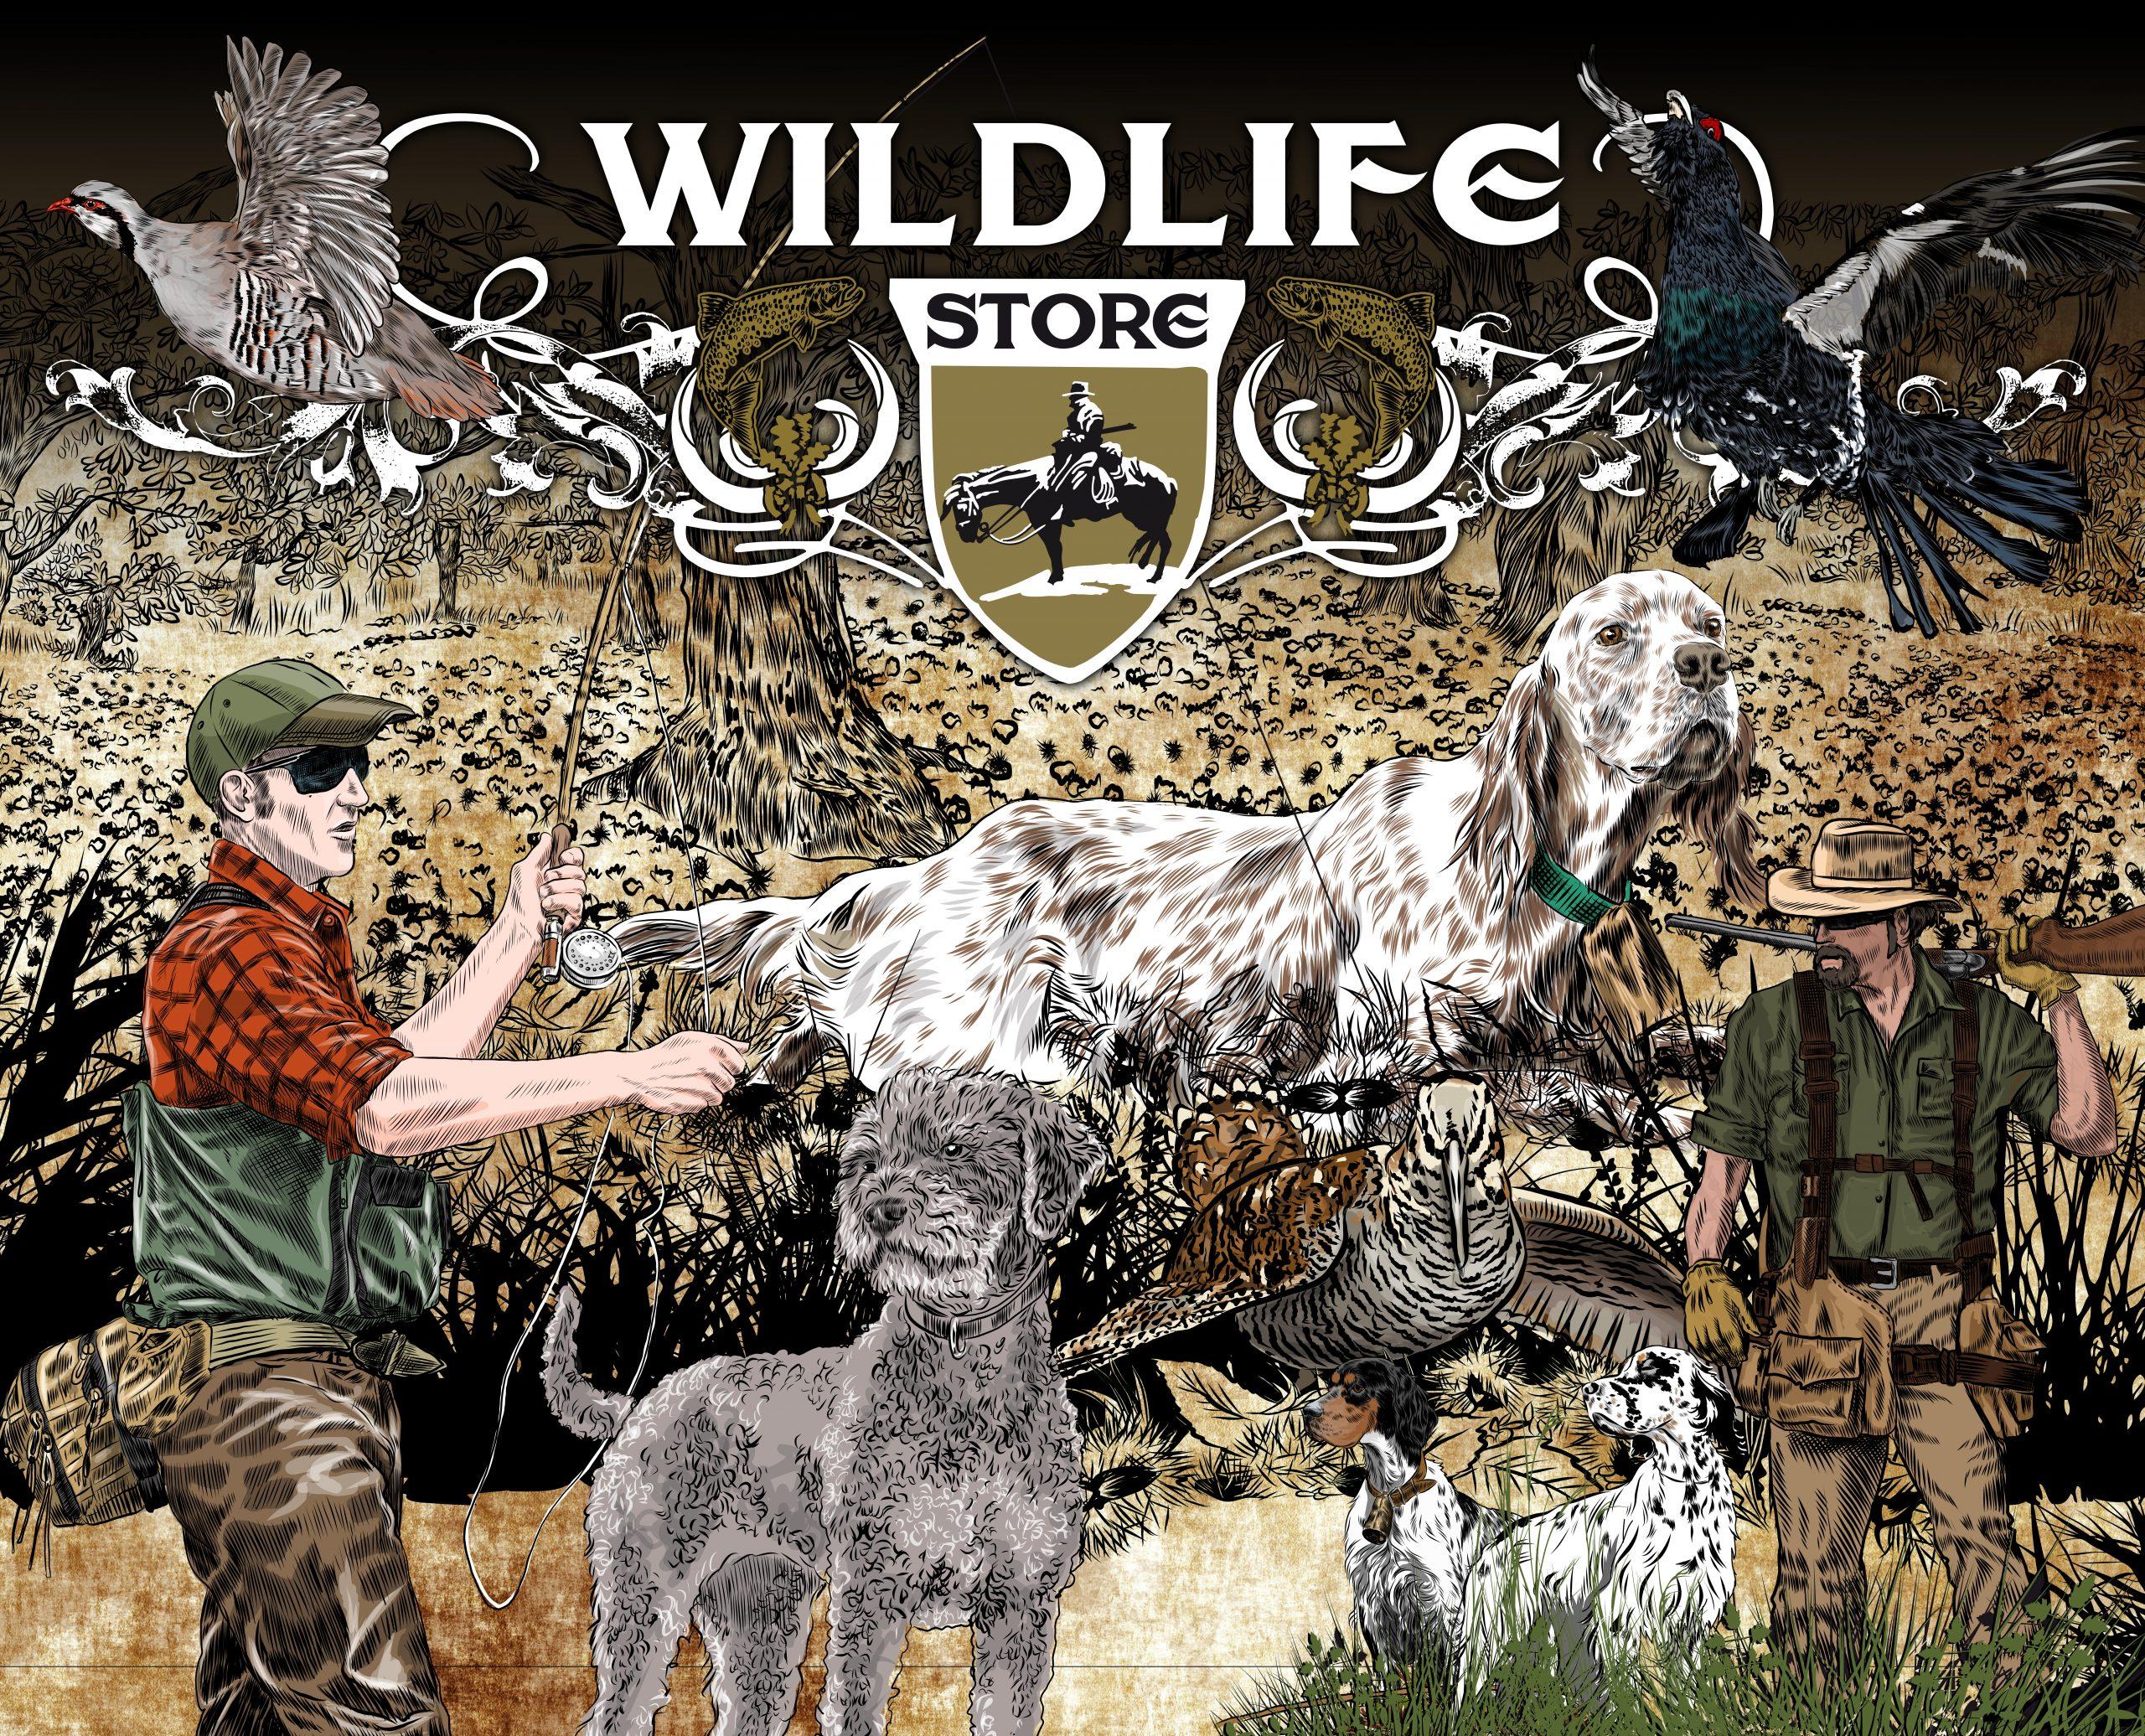 WILDLIFE STORE